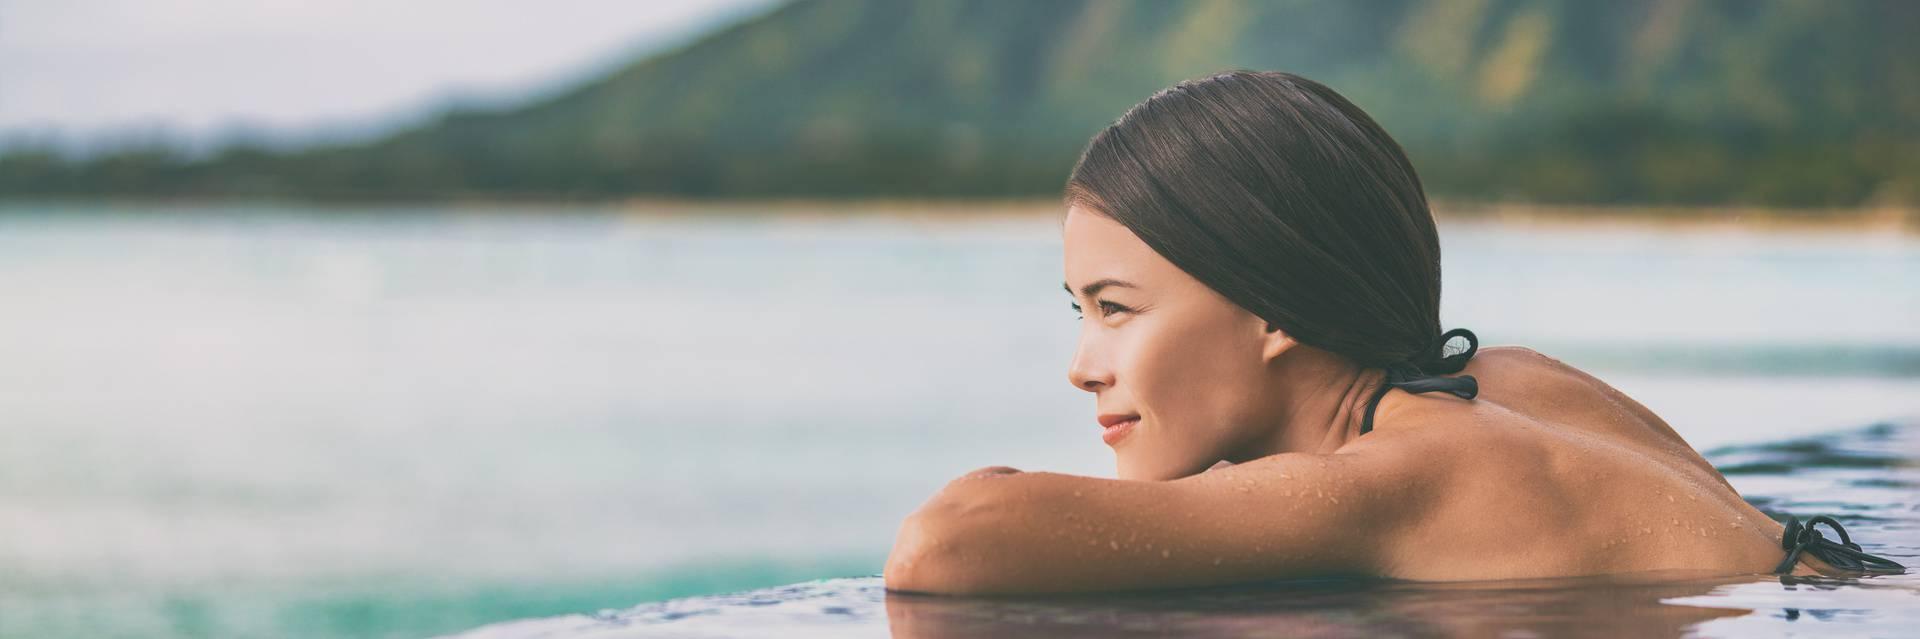 Kvalitetan godišnji: Odmor zbog kojeg će vaša psiha 'preživjeti'